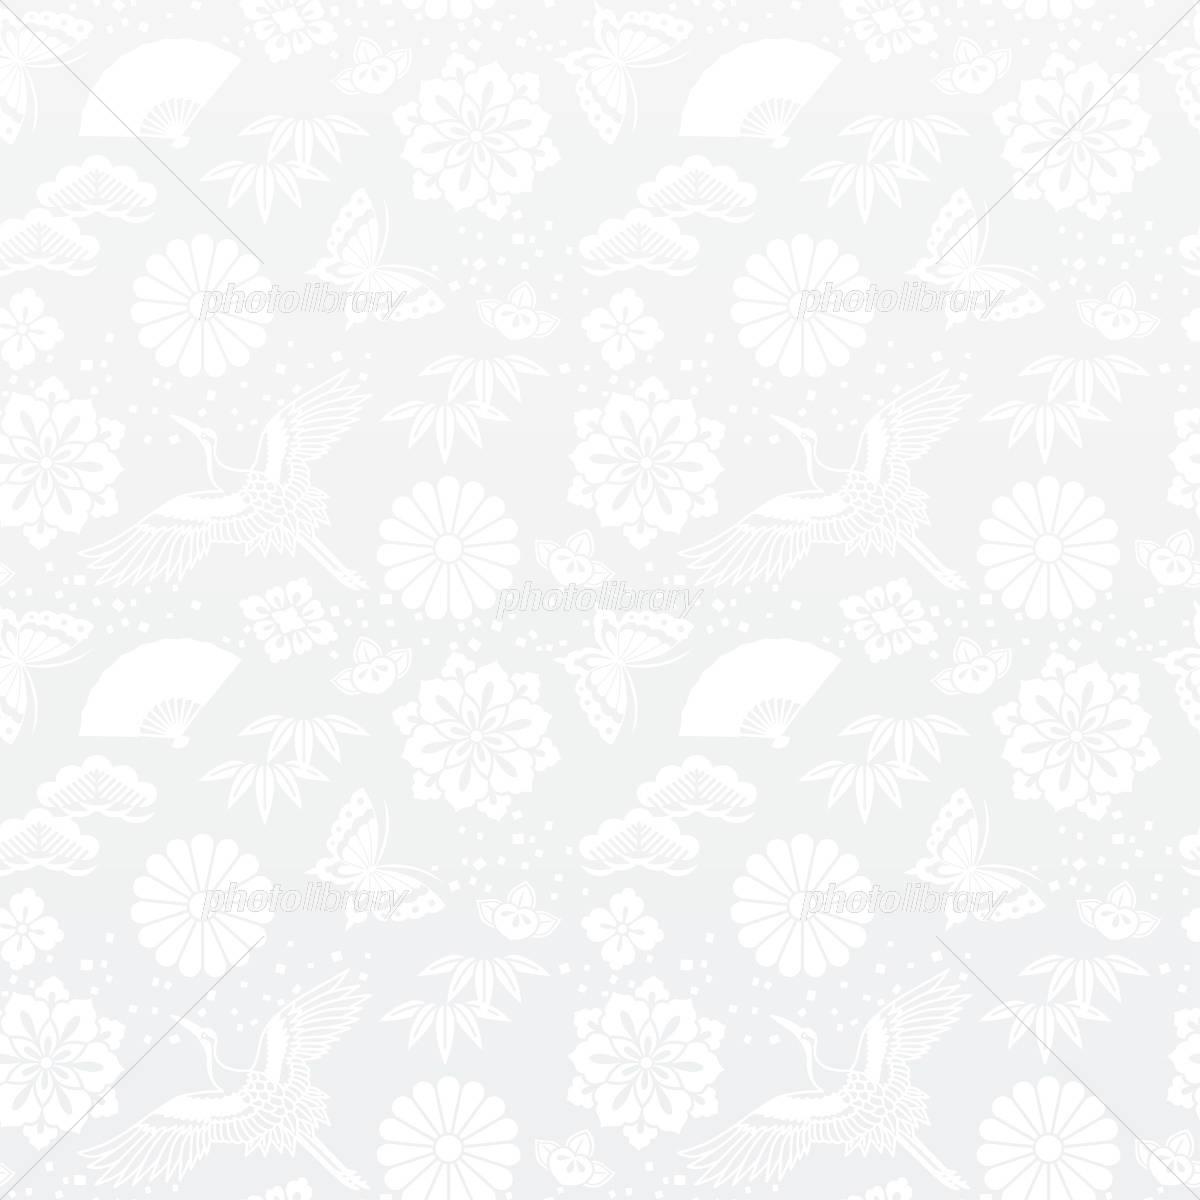 青海波 白の和風背景 伝統柄 イラスト素材 6047942 フォトライブ